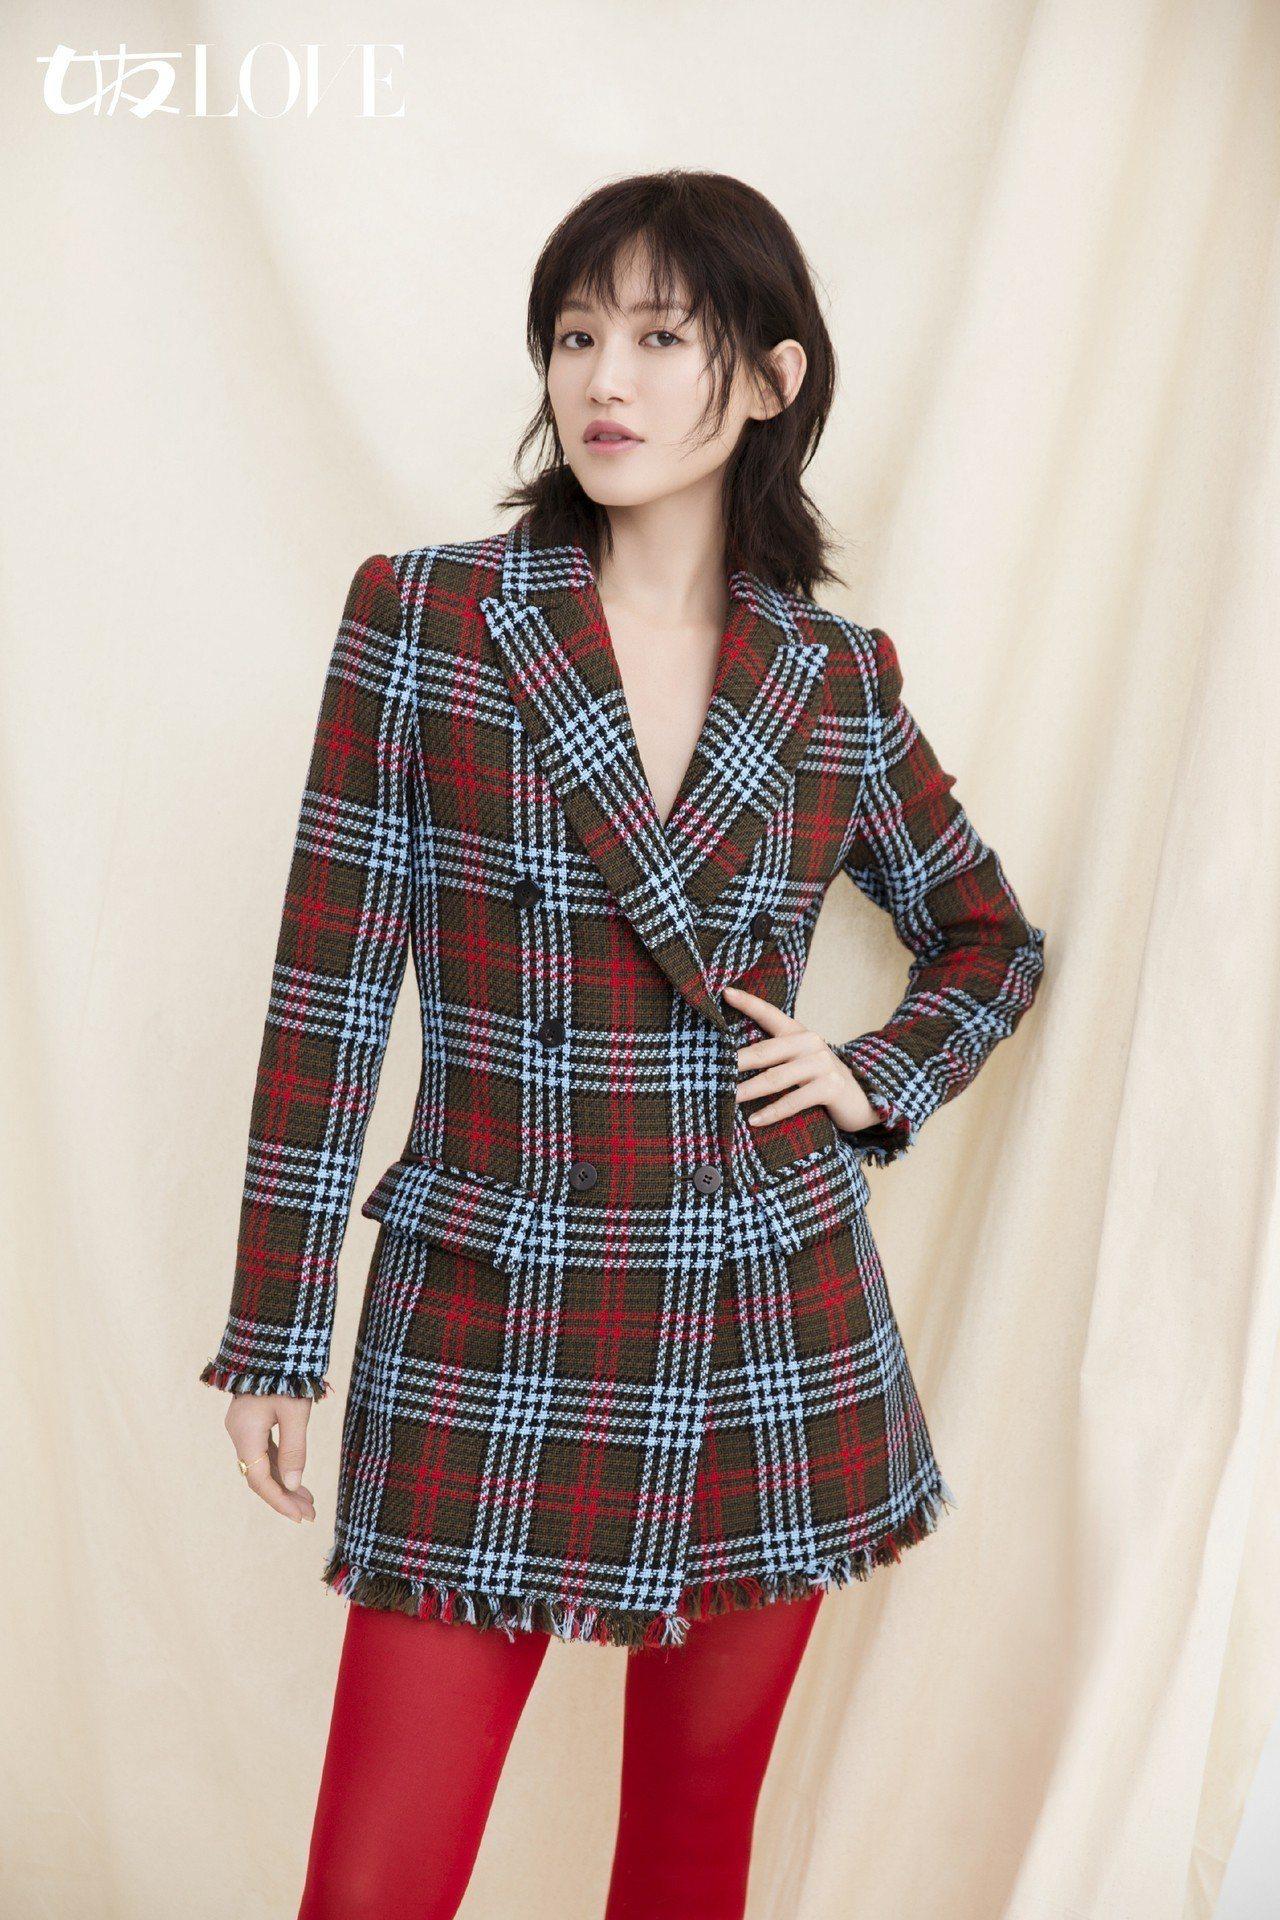 蘇青身穿MARYLING雙排釦格紋西裝外套拍攝時尚雜誌。圖/MARYLING提供